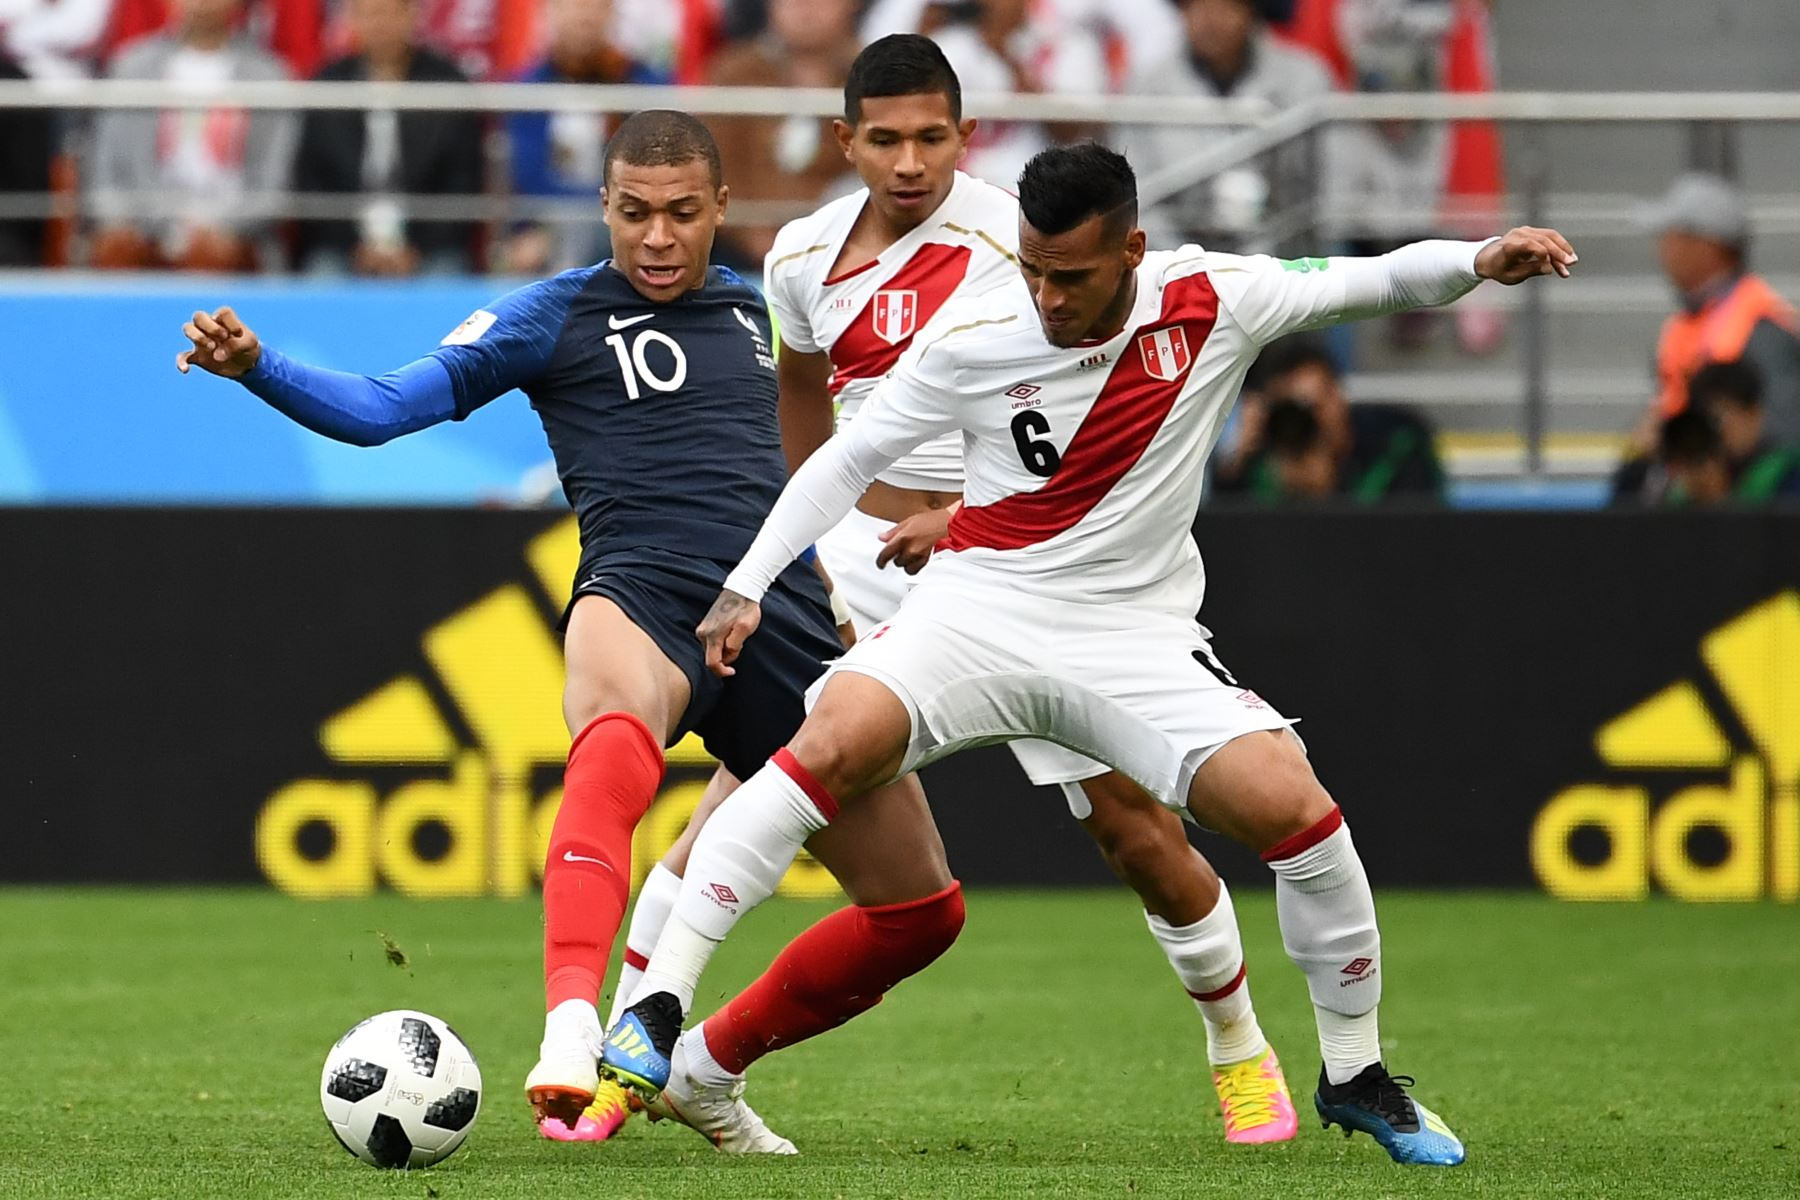 Francia derrotó 1-0 a Perú, que luchó hasta el final